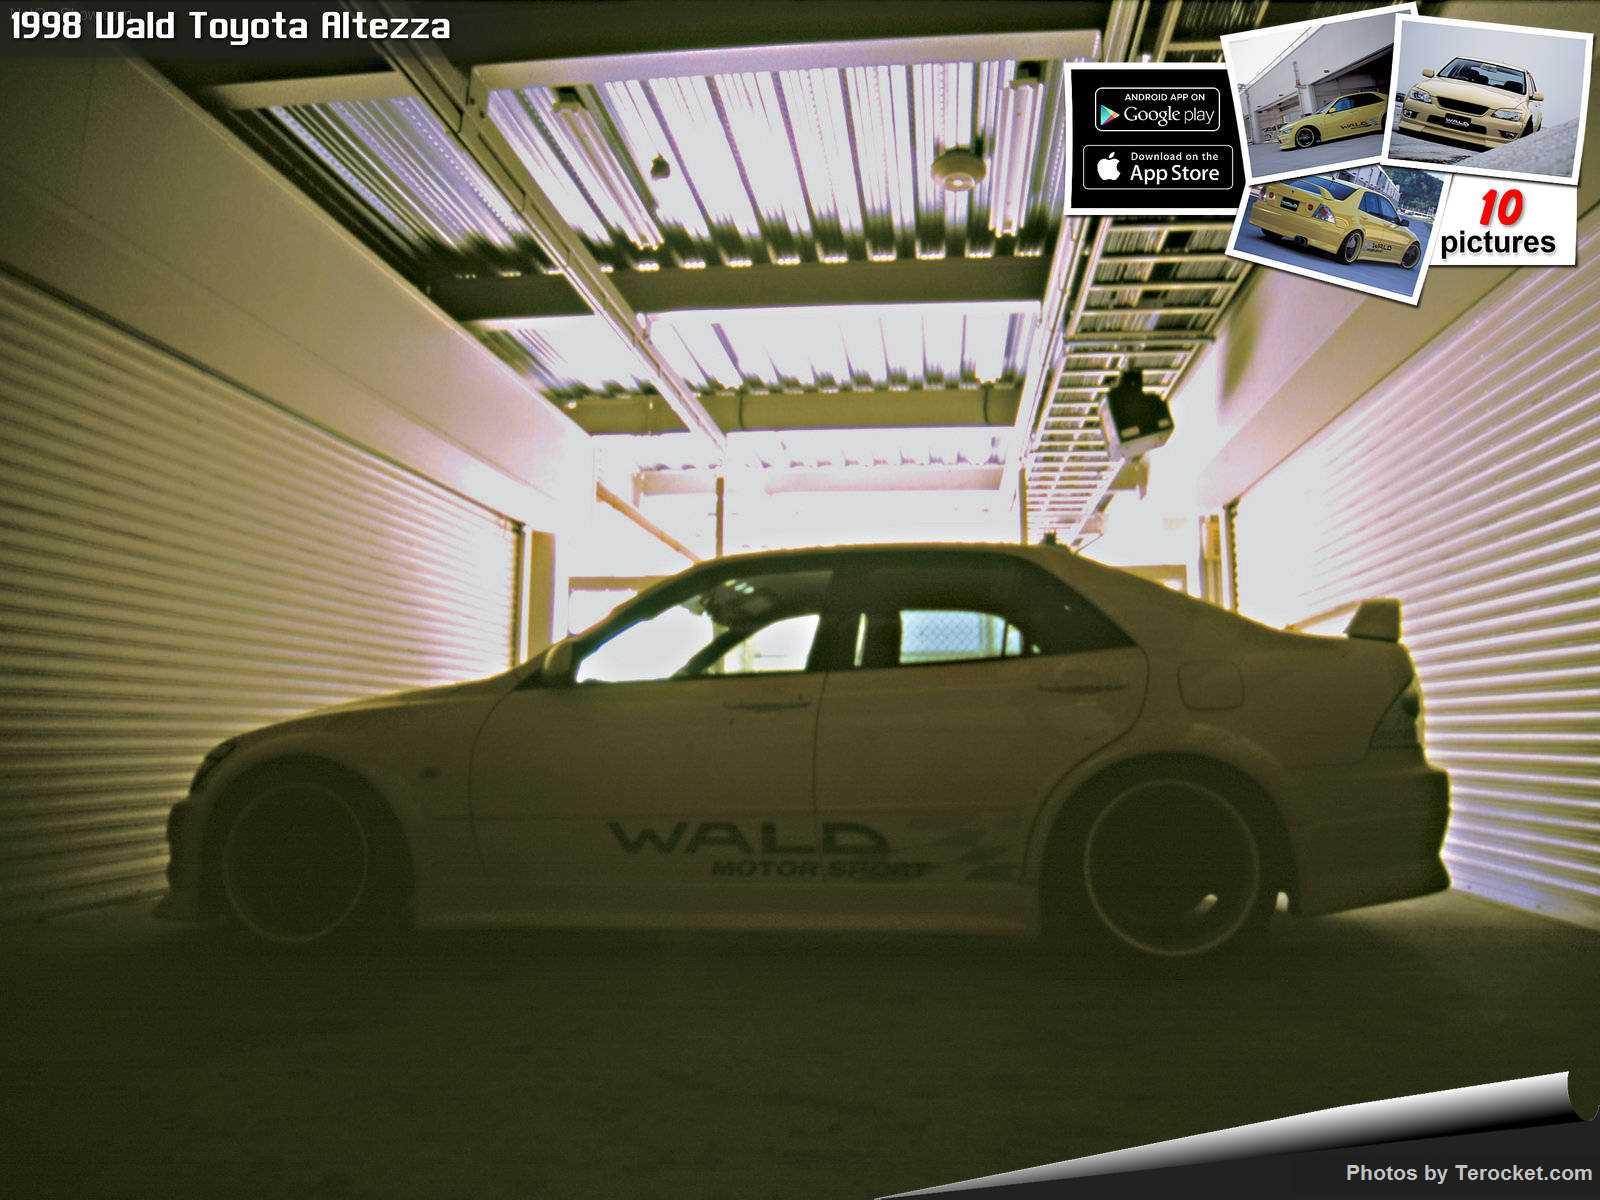 Hình ảnh xe độ Wald Toyota Altezza 1998 & nội ngoại thất